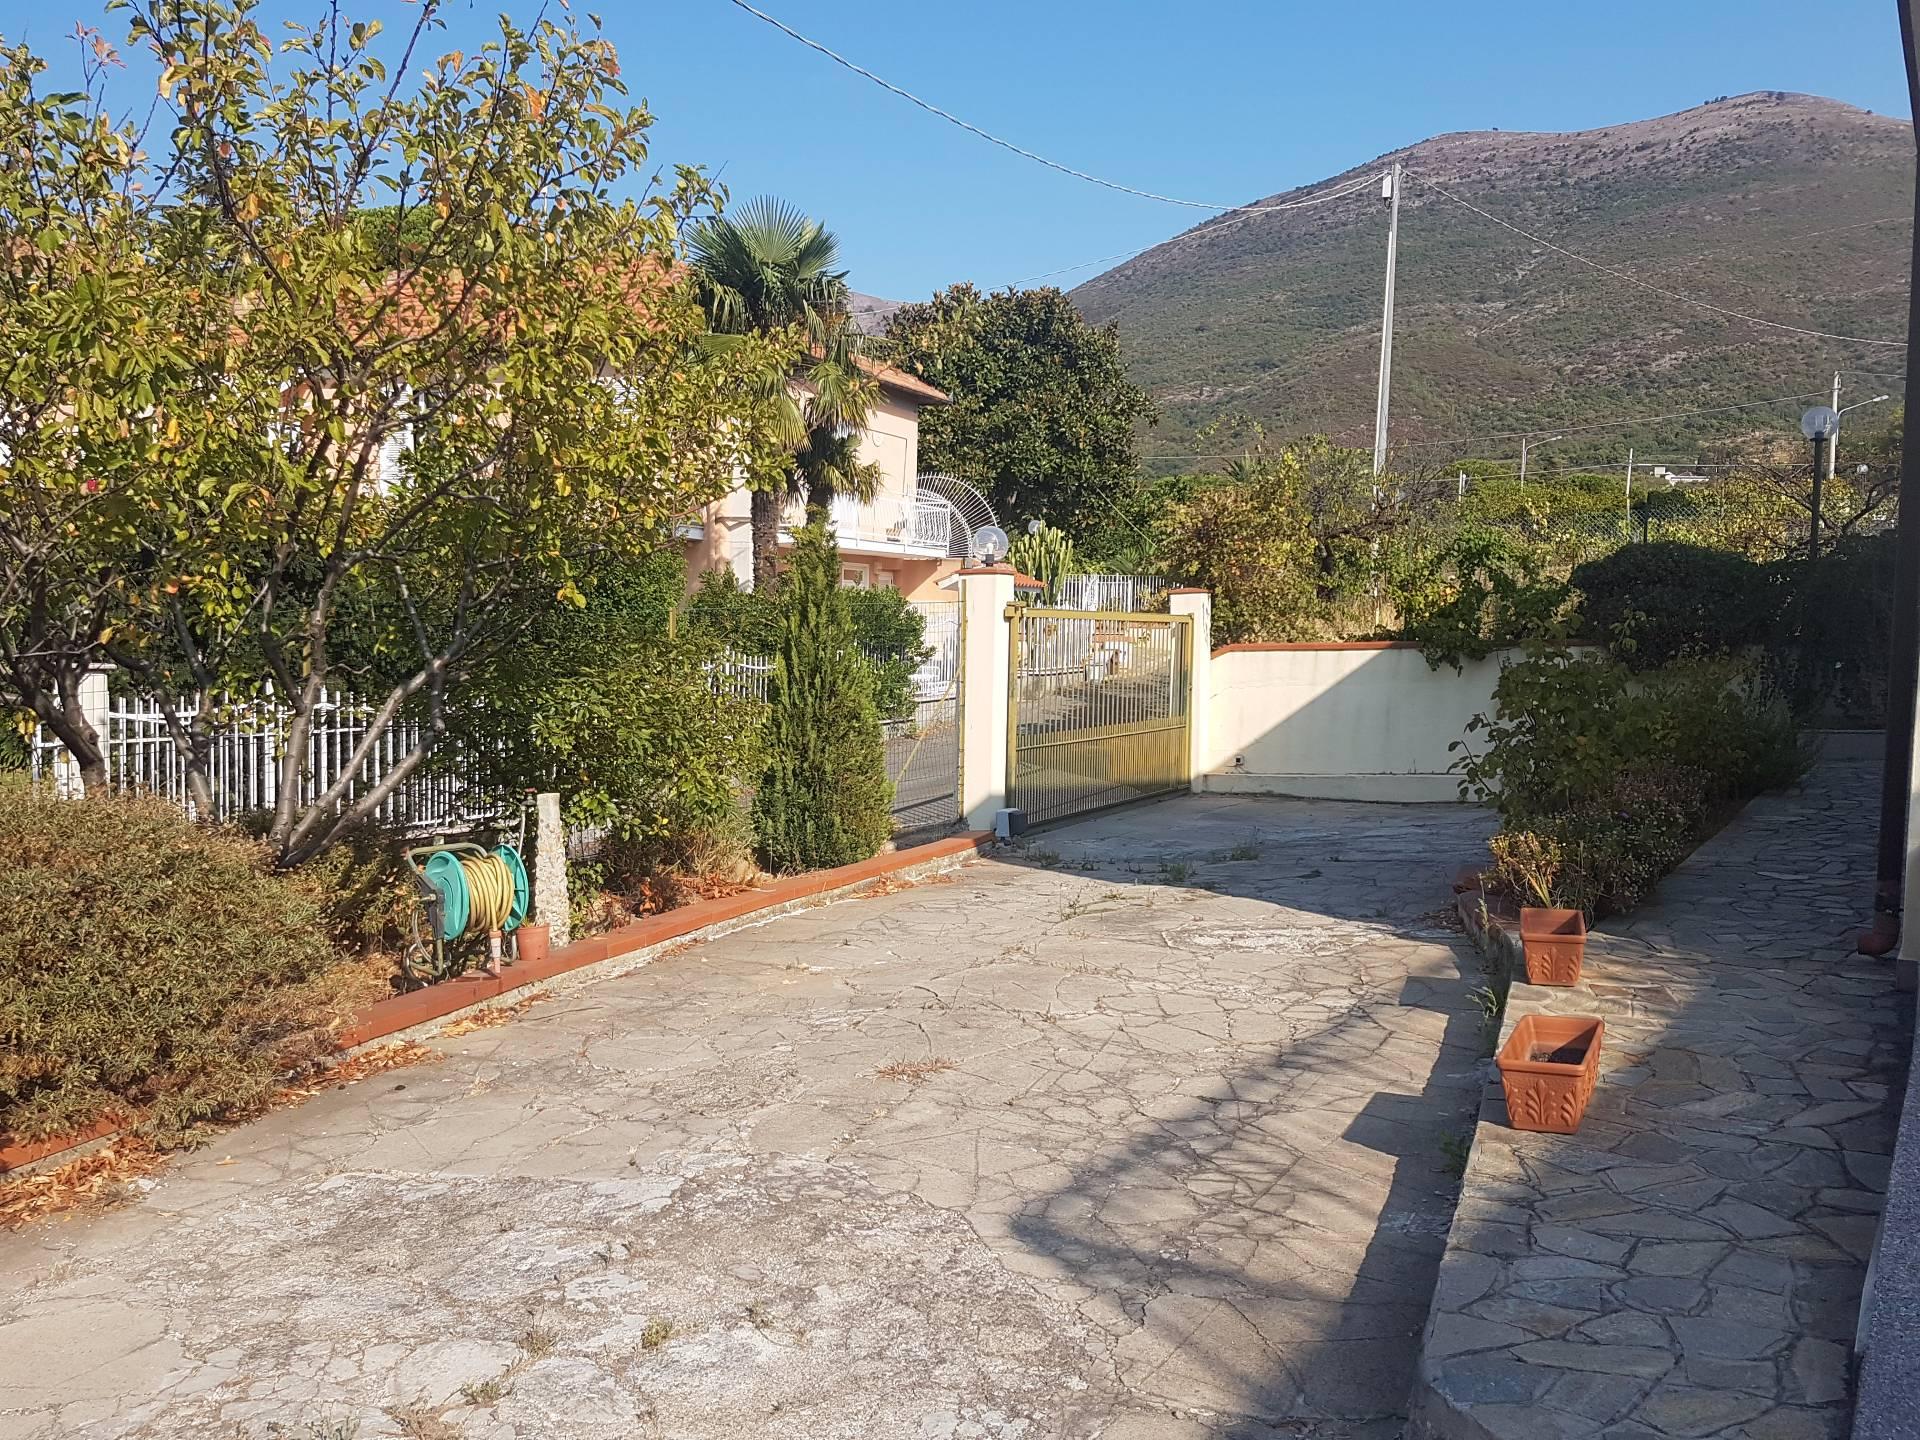 Soluzione Indipendente in vendita a Albenga, 5 locali, zona Zona: Salea, prezzo € 320.000 | CambioCasa.it